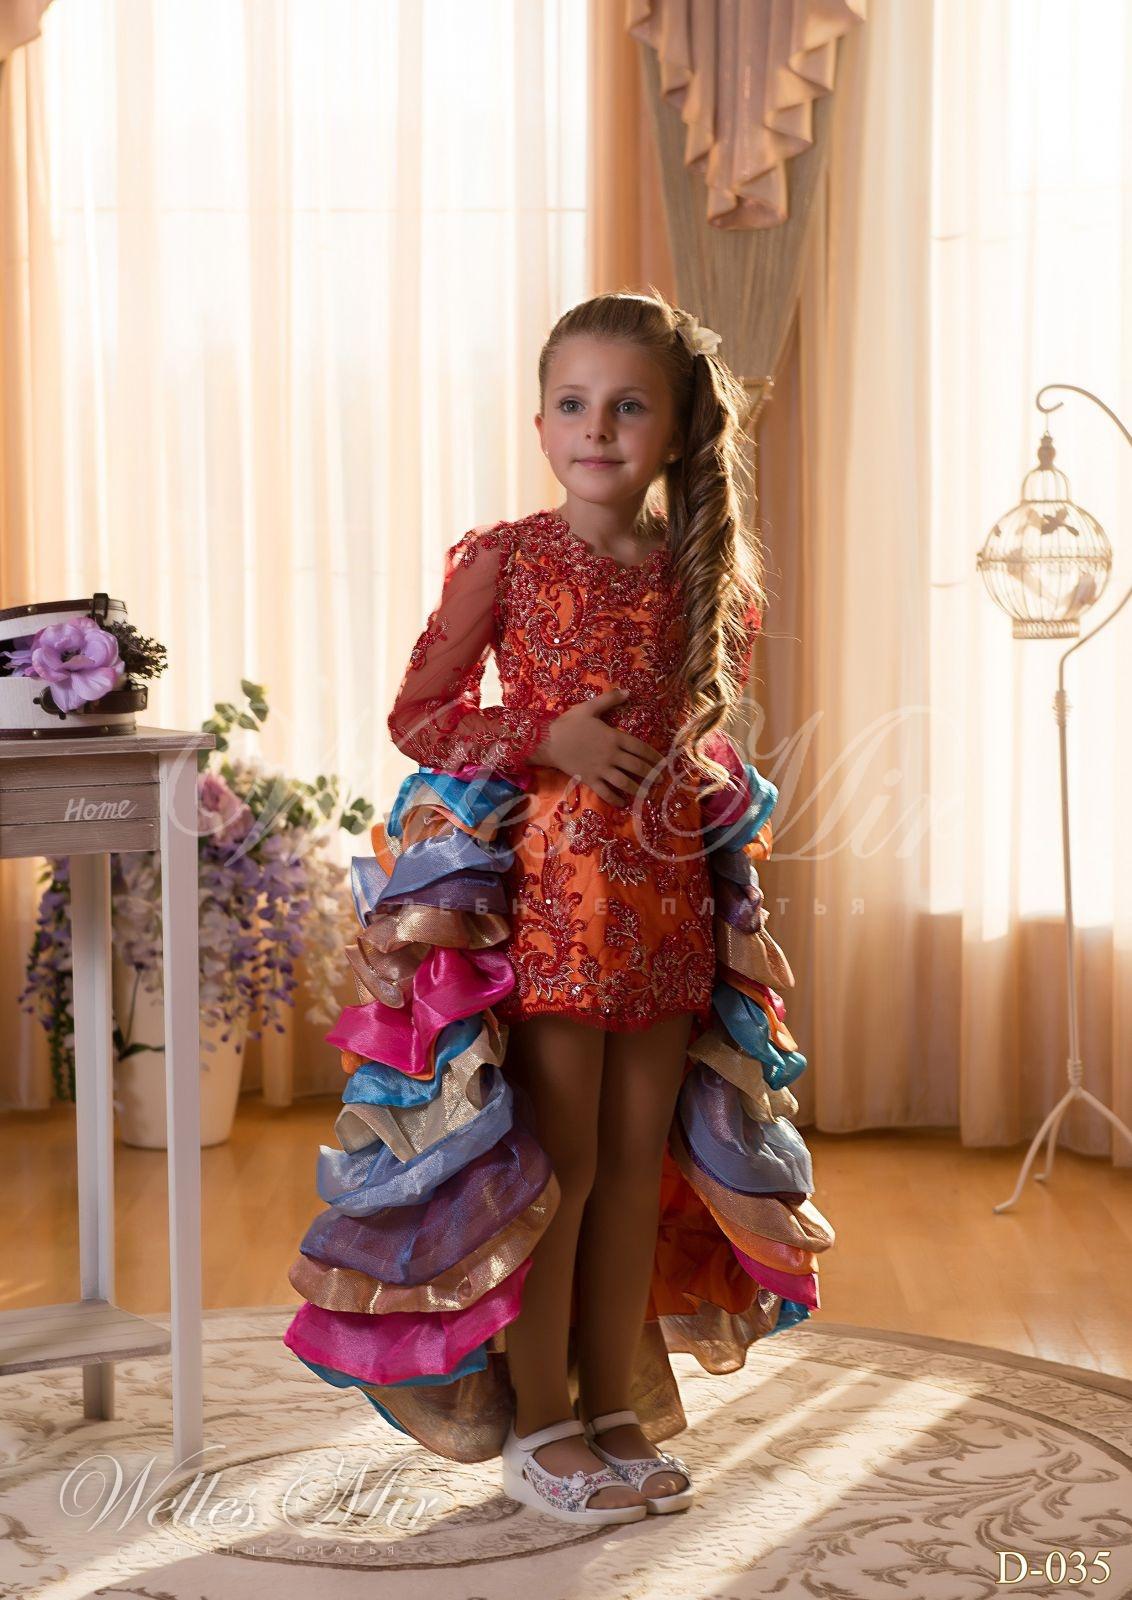 Детские платья Детские платья 2015 - D-035